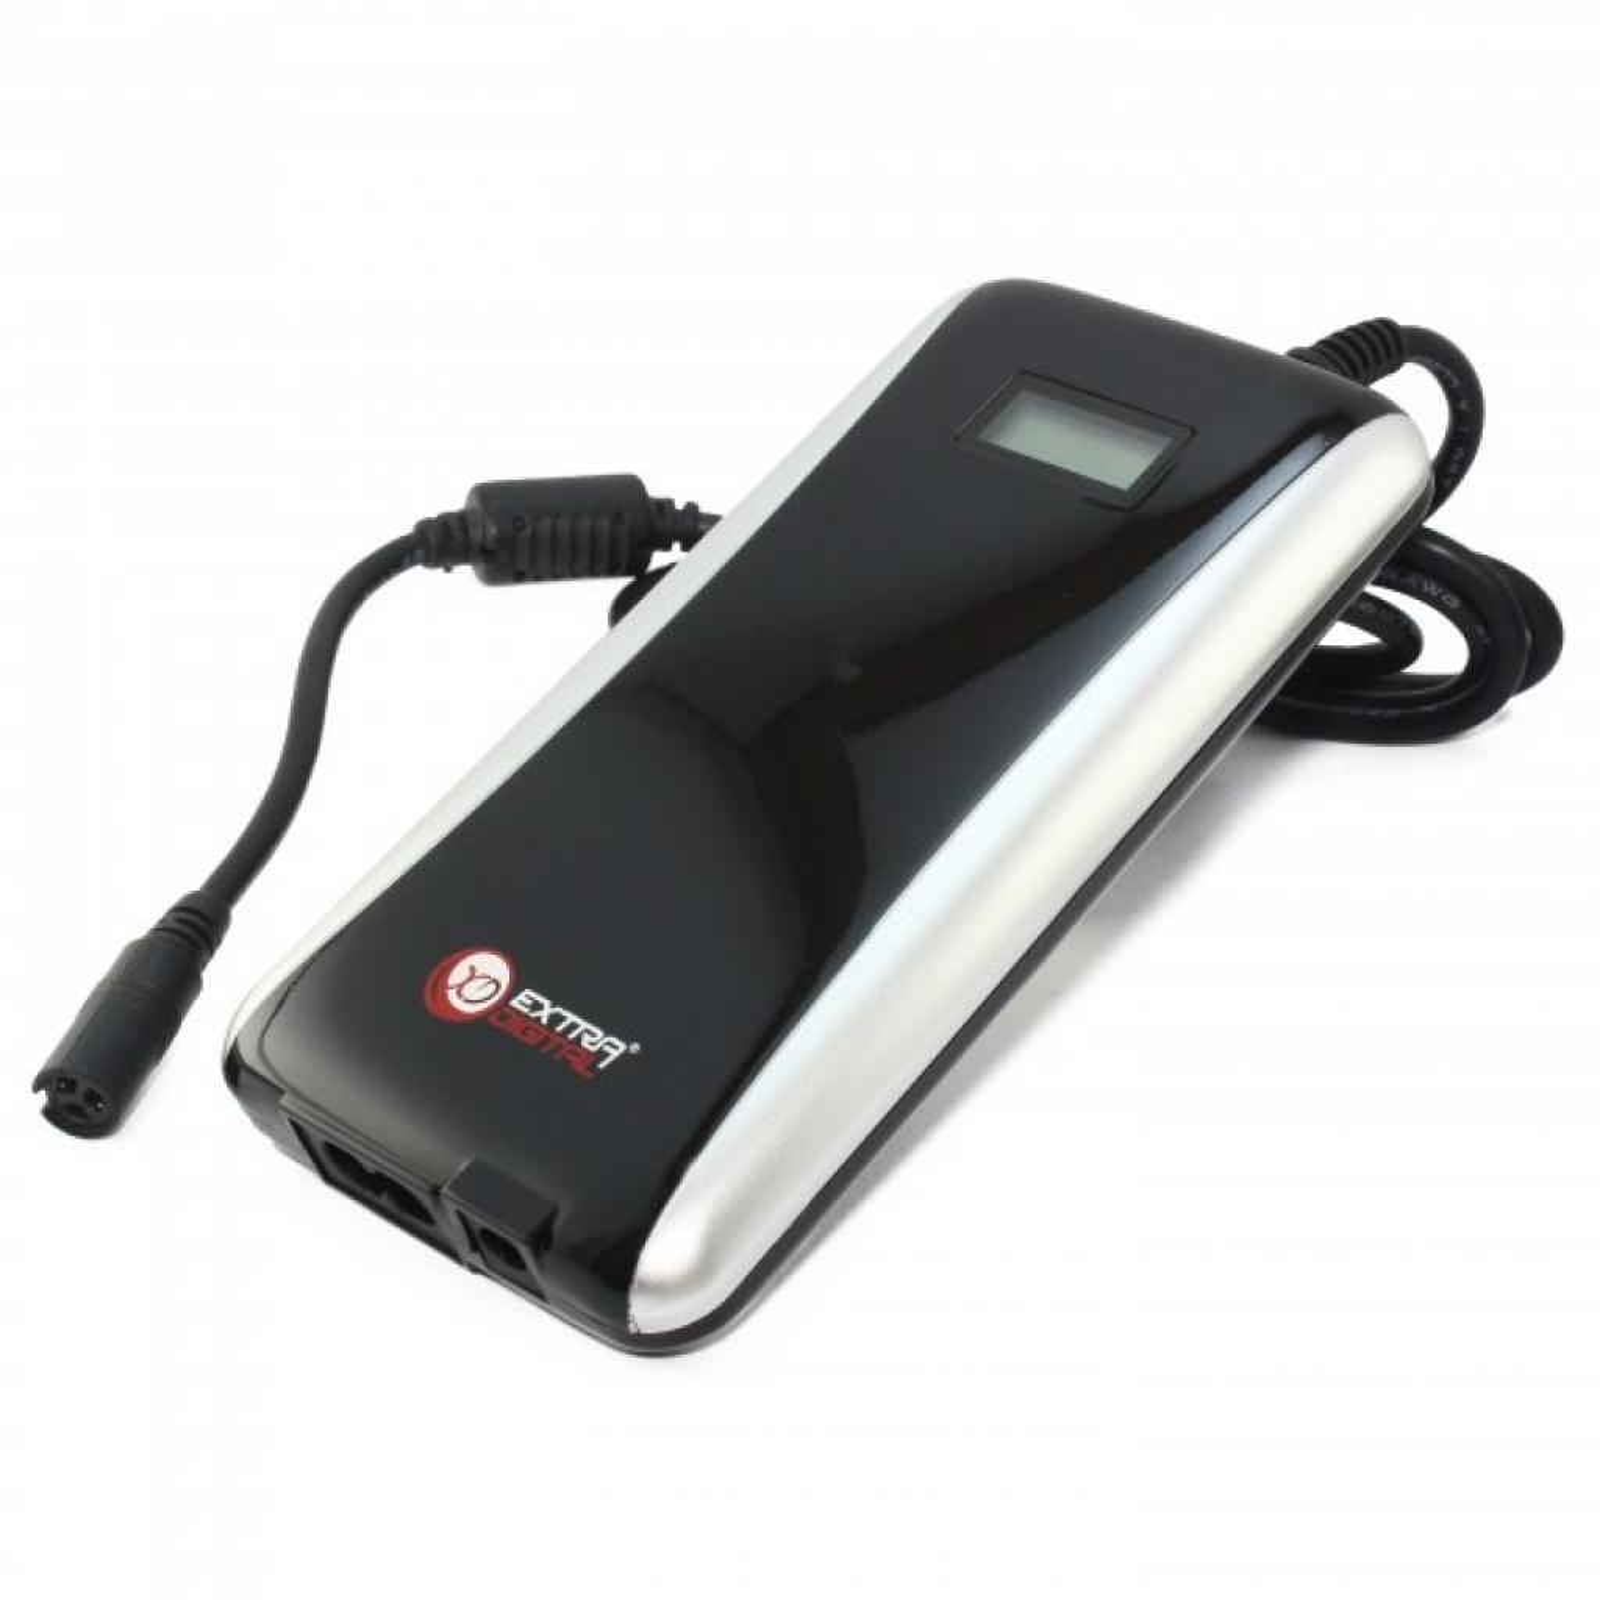 Блок питания к ноутбуку EXTRADIGITAL ED-90B сетевой + автомобильный + USB (ALU90B0003)